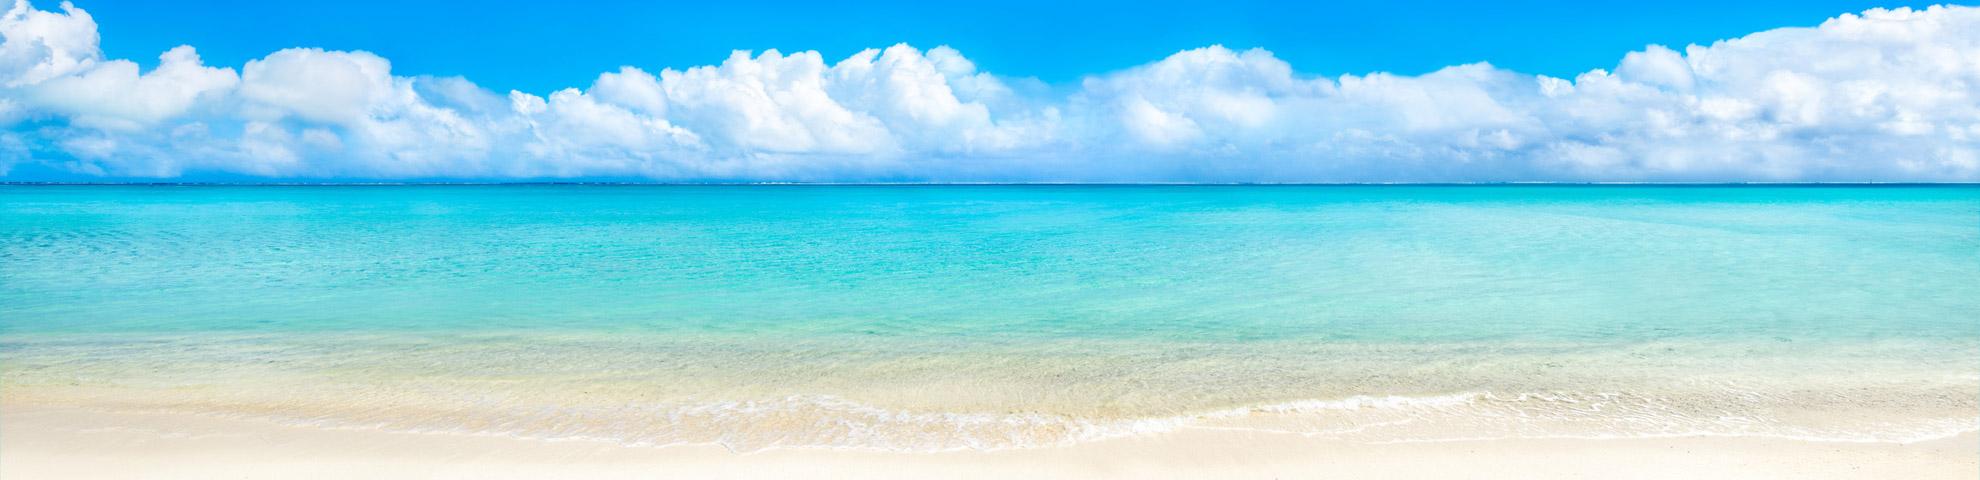 Ein karibischer Strand und Meer mit türkisfarbenem Wasser - Hintergrundbild des Sliders der Seite Schätze